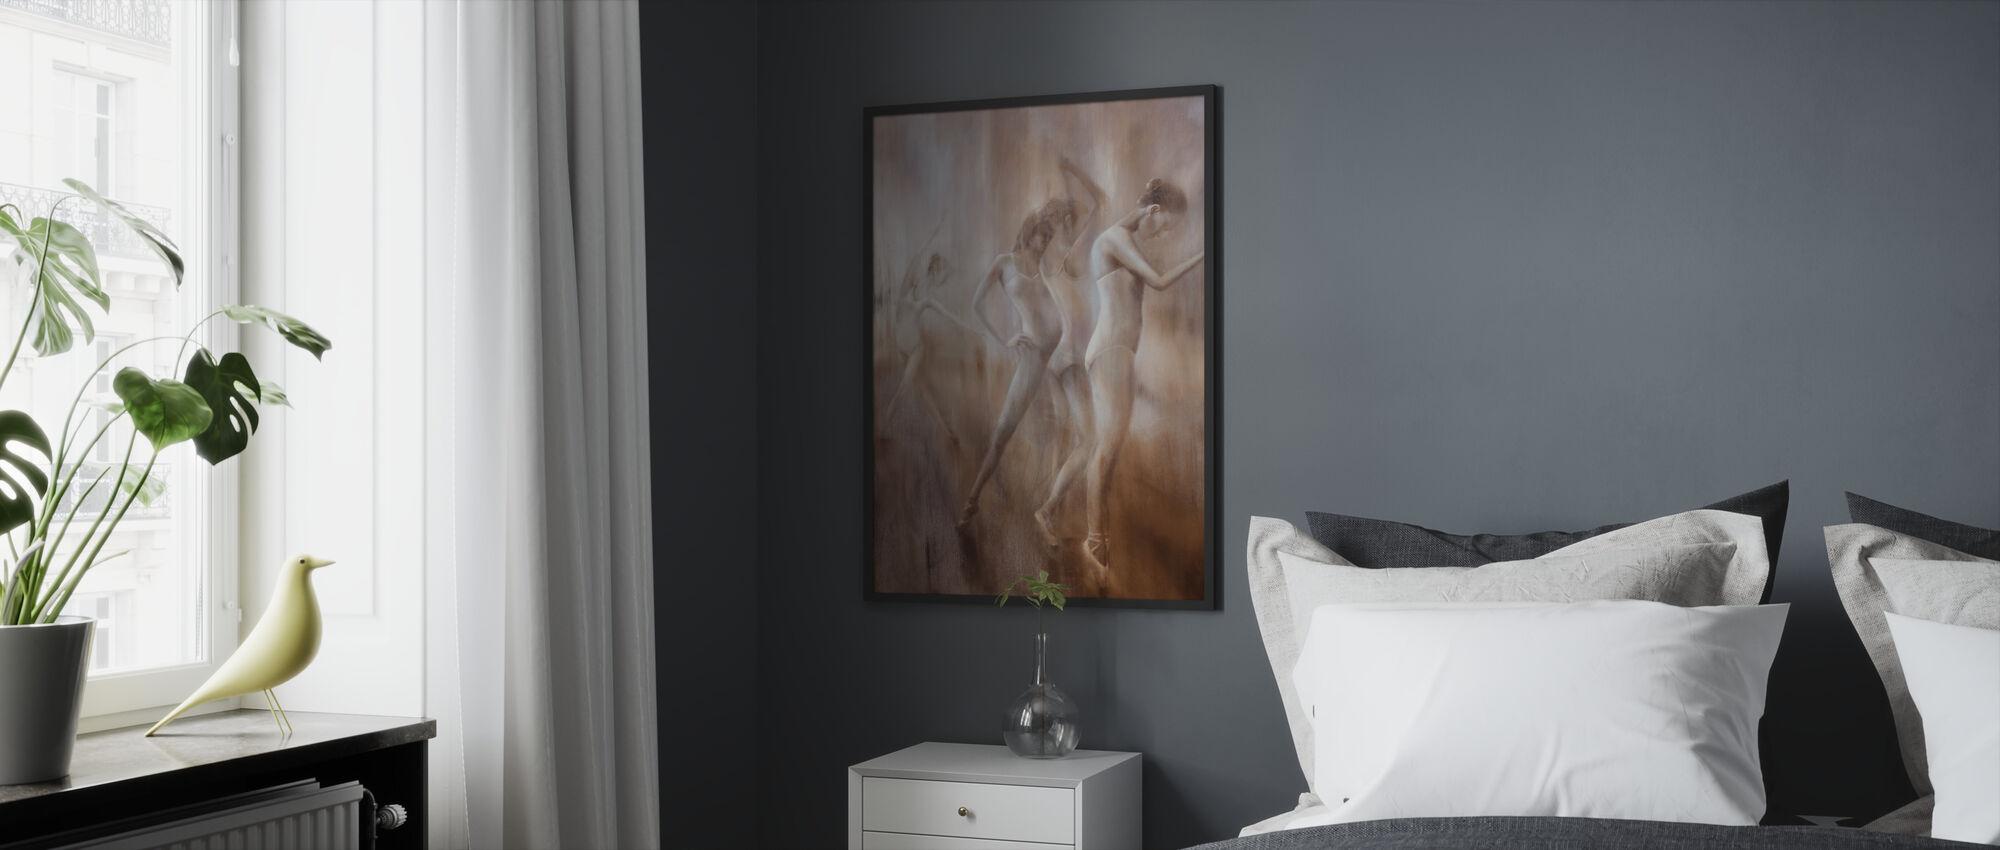 Dancers - Framed print - Bedroom